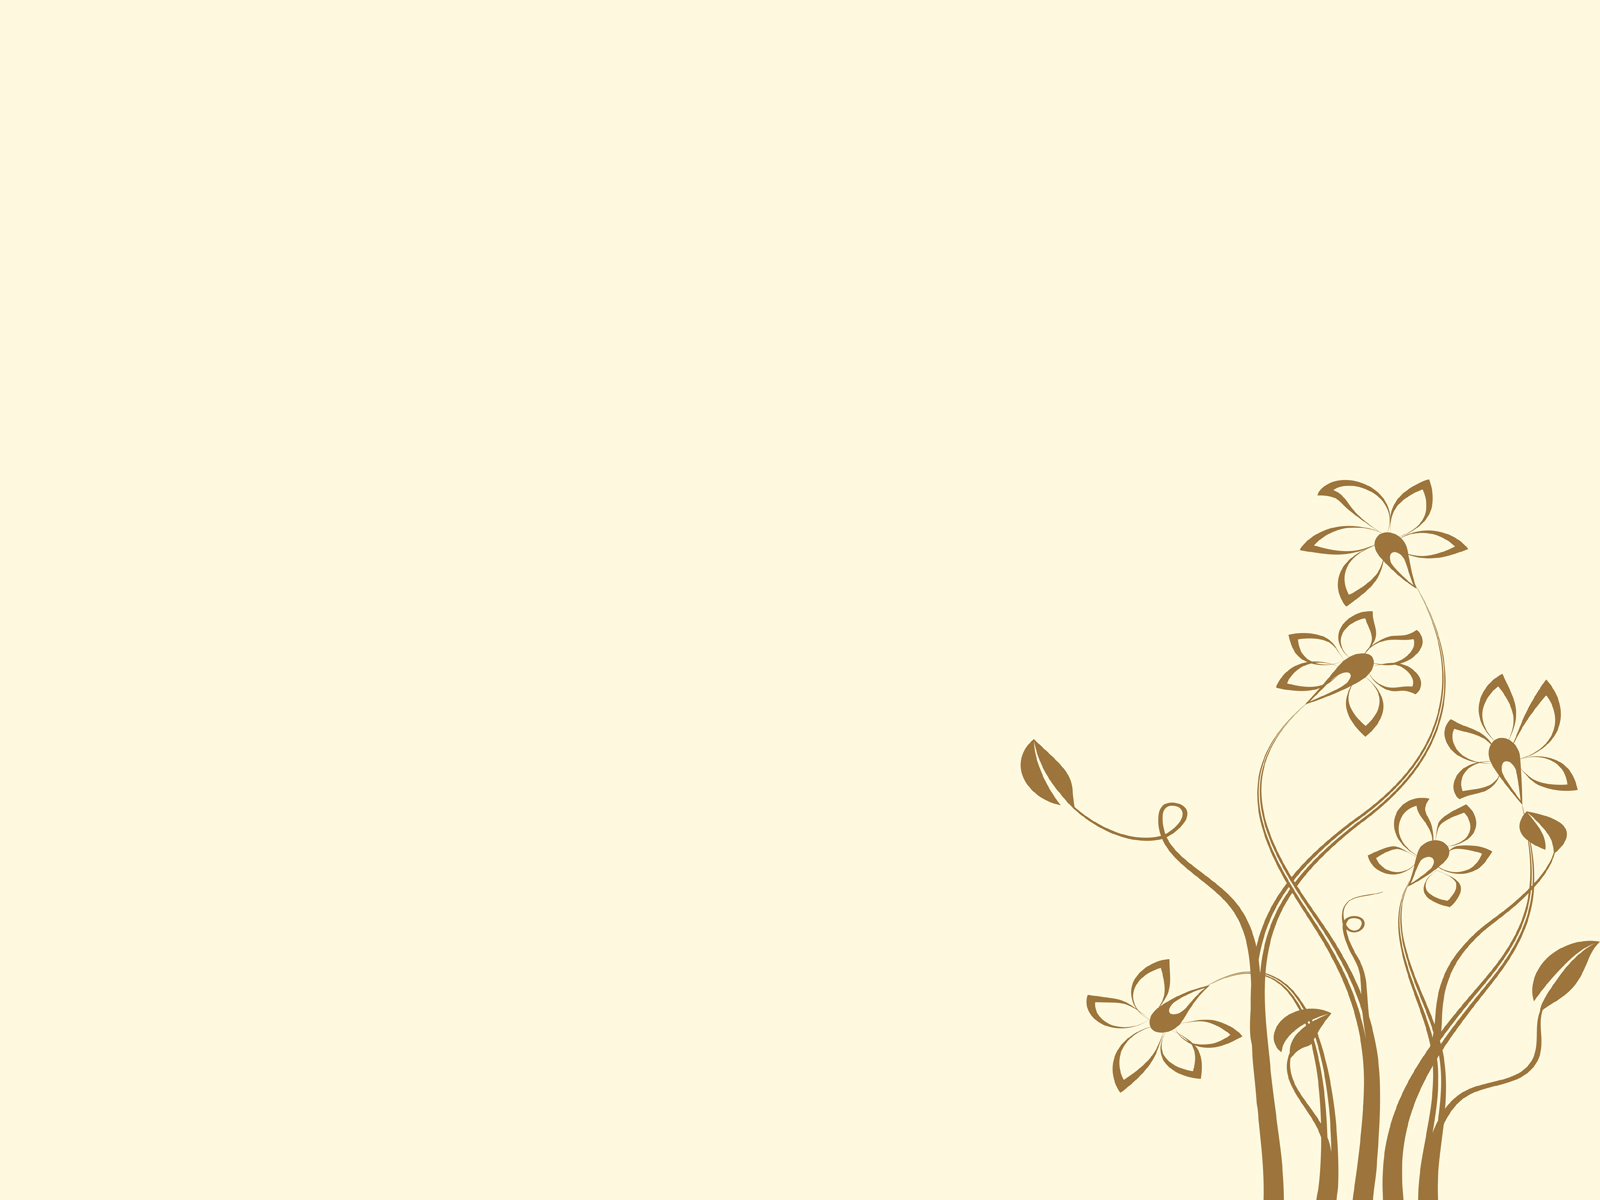 Hình nền powerpoint hoa anh đào đẹp nhất